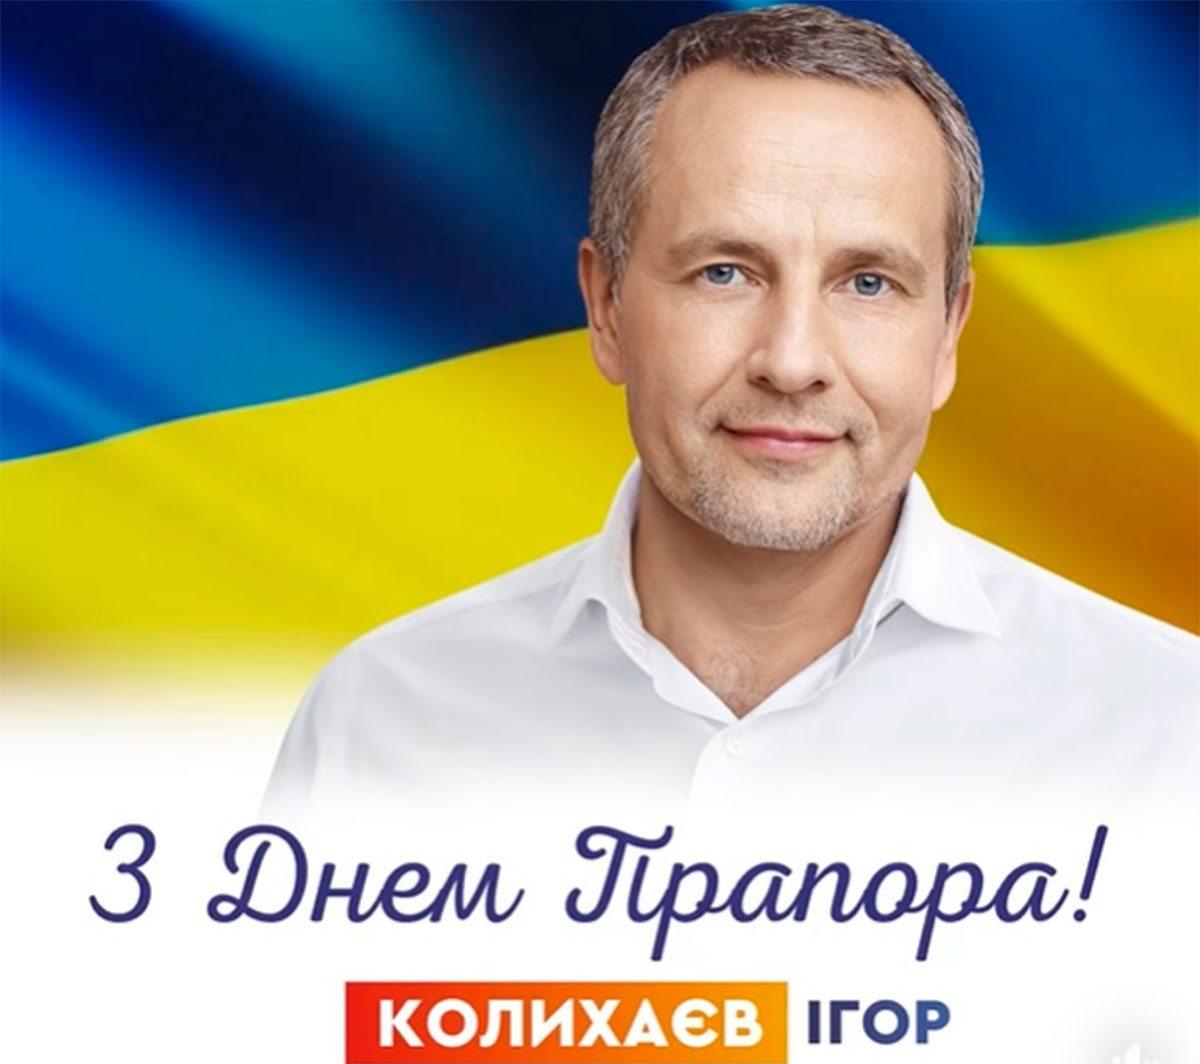 Ігор Колихаєв привітав херсонців з Днем Прапора